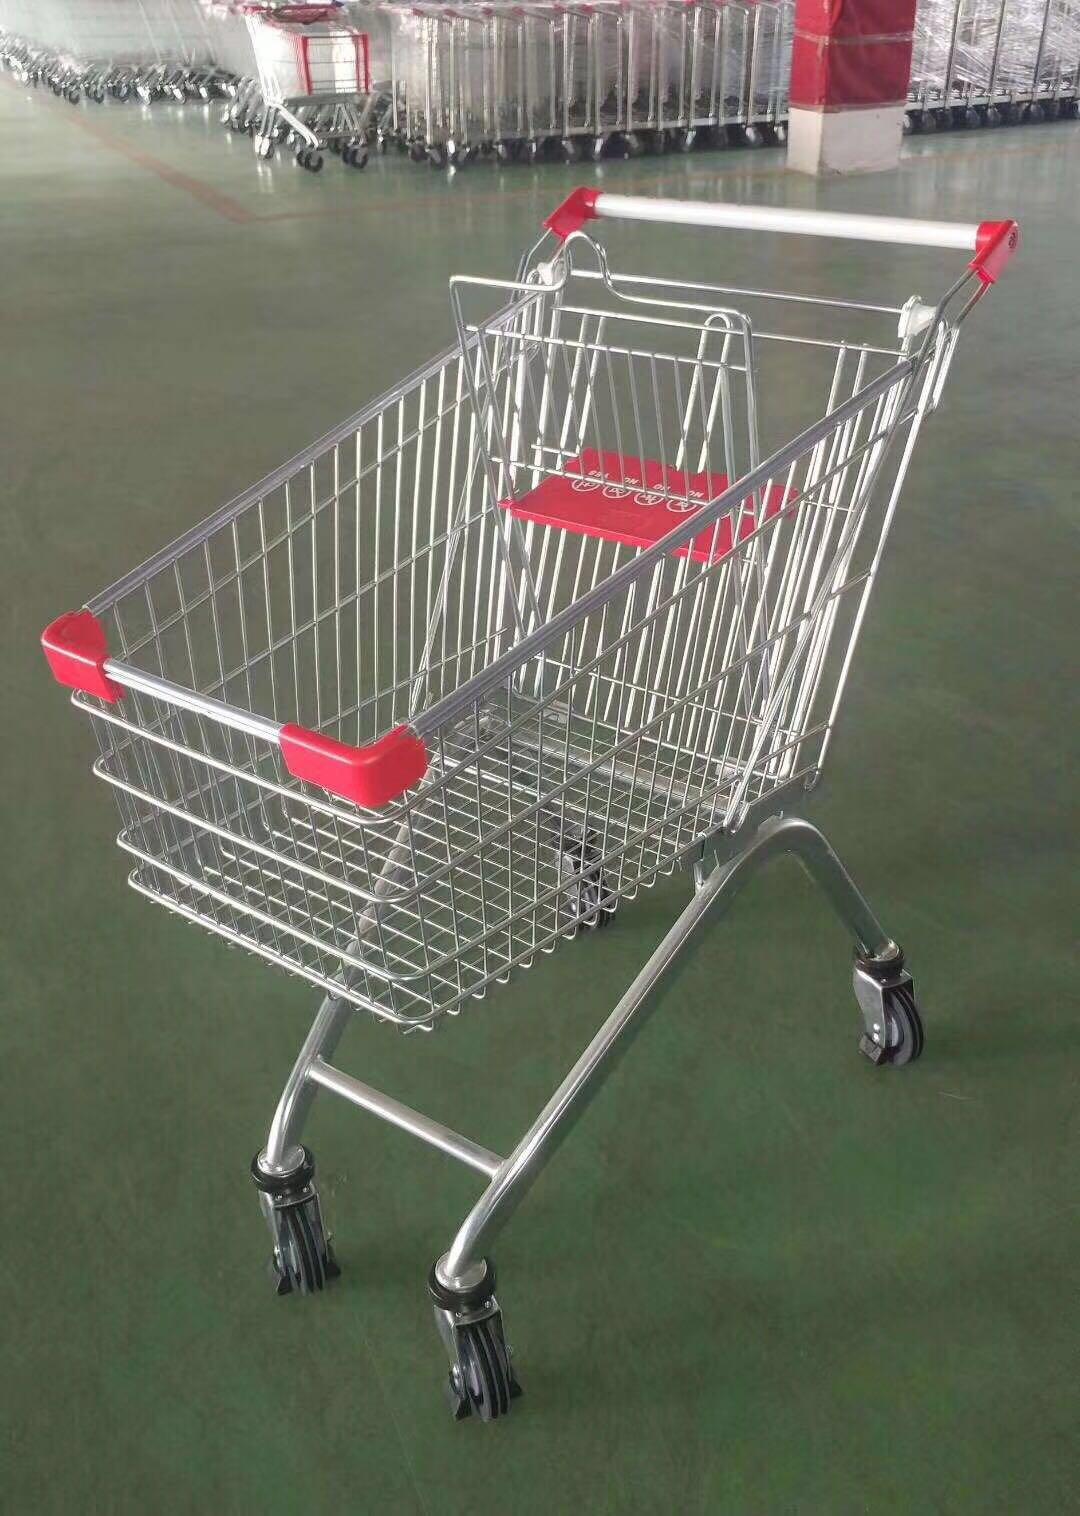 质量好的超市附件推荐 货运手推车价格